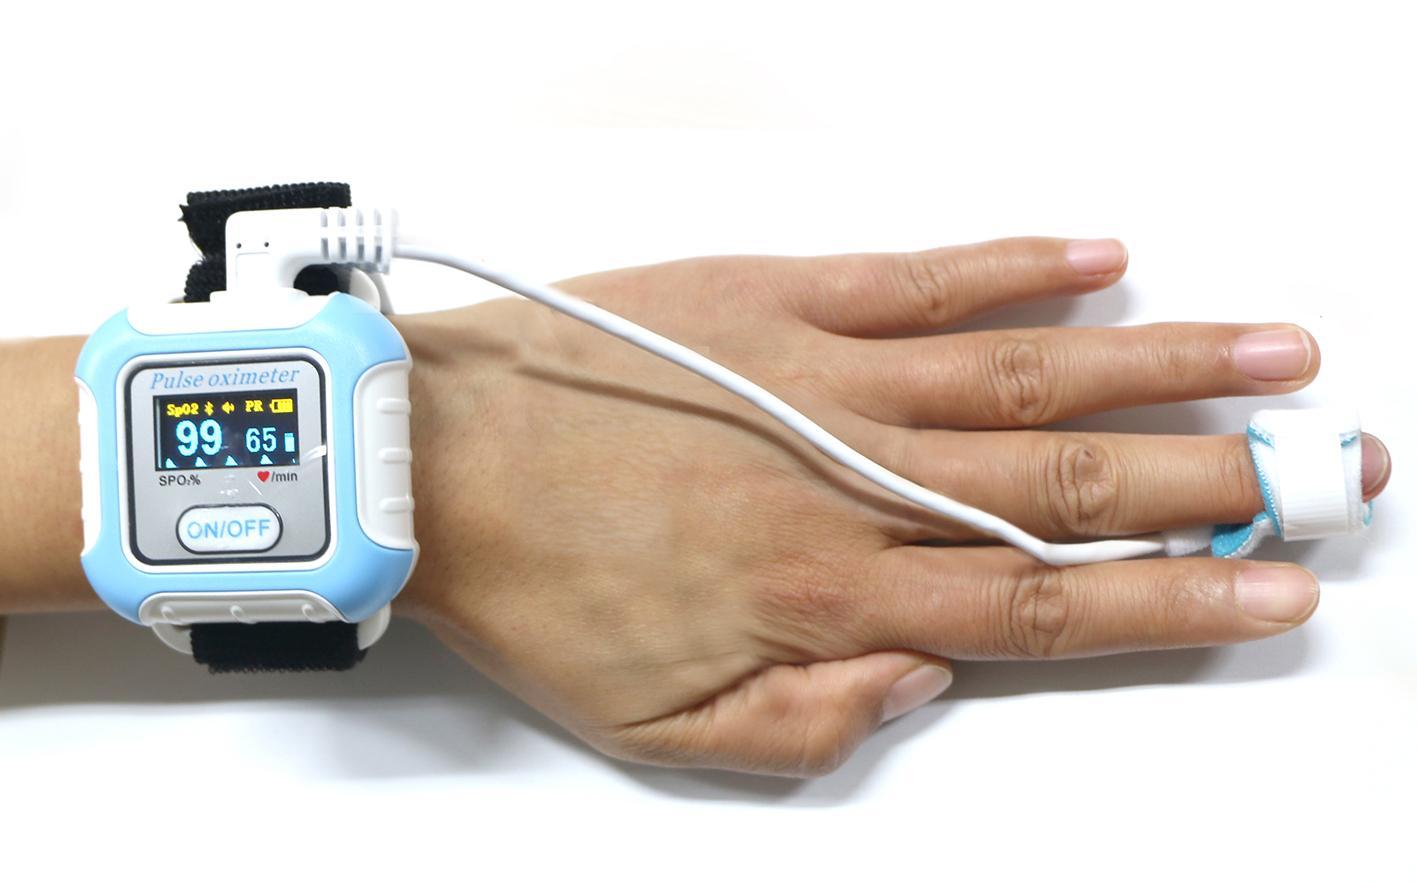 诊断睡眠呼吸暂停医学CE批准蓝牙手腕脉搏血氧仪 4